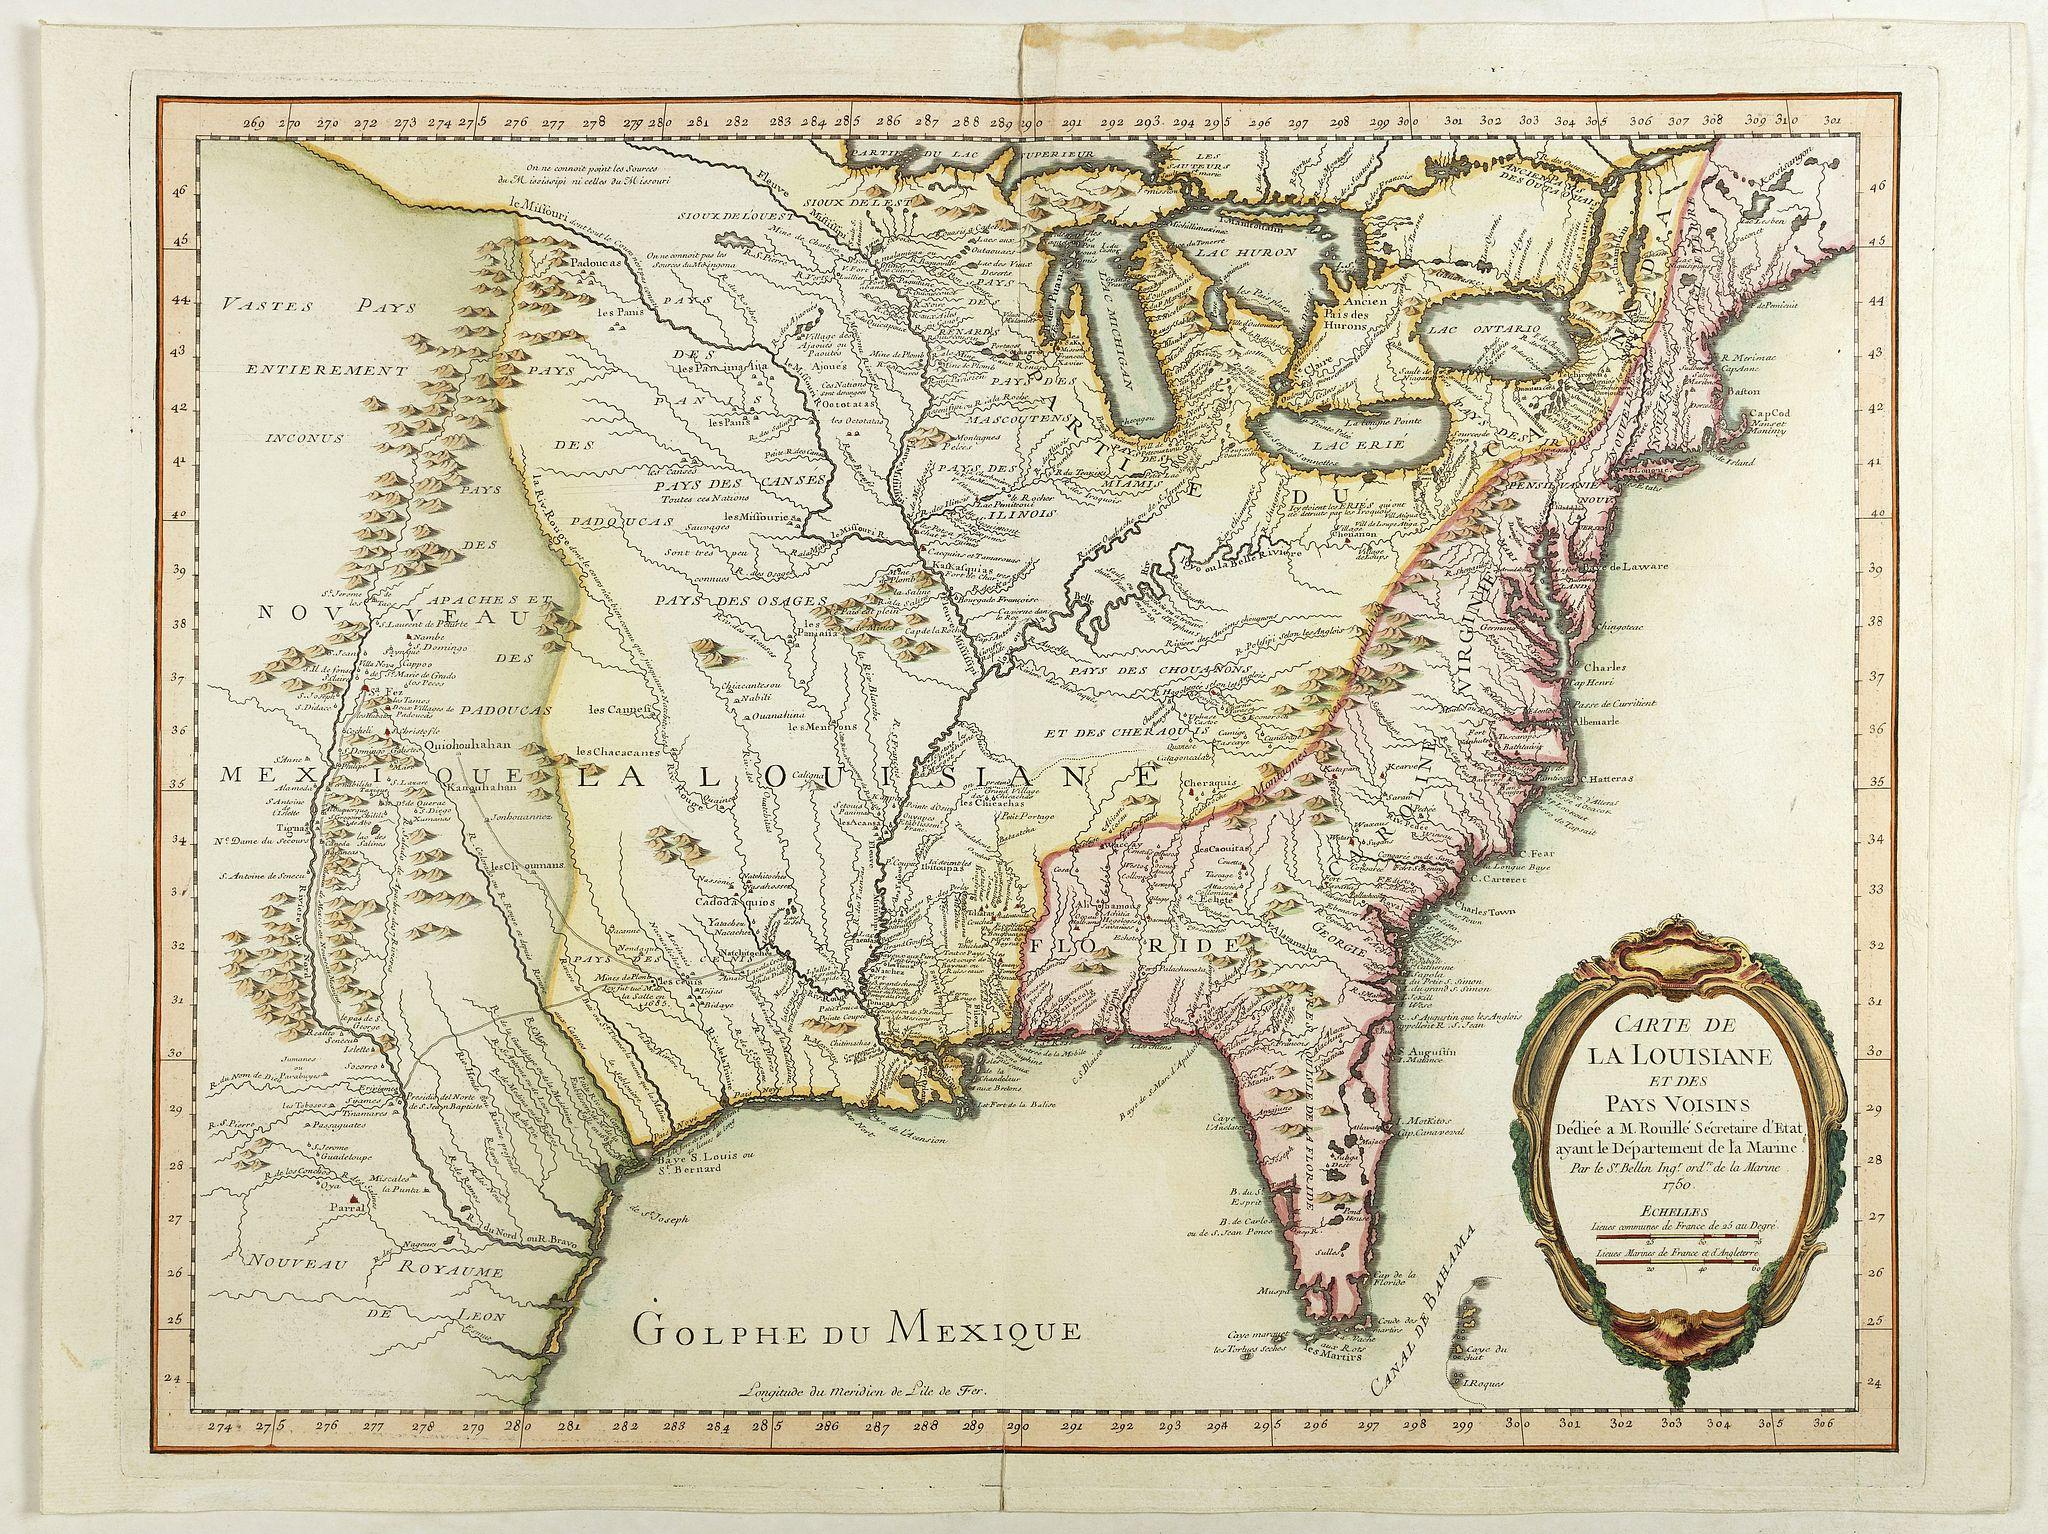 BELLIN, J.N. -  Carte de LA LOUISIANE et des PAYS VOISINS Dédiée a M. Rouillé Dediee a M. Rouille Secretairr 'd Etat ayant le Departement de la Marine… 1750